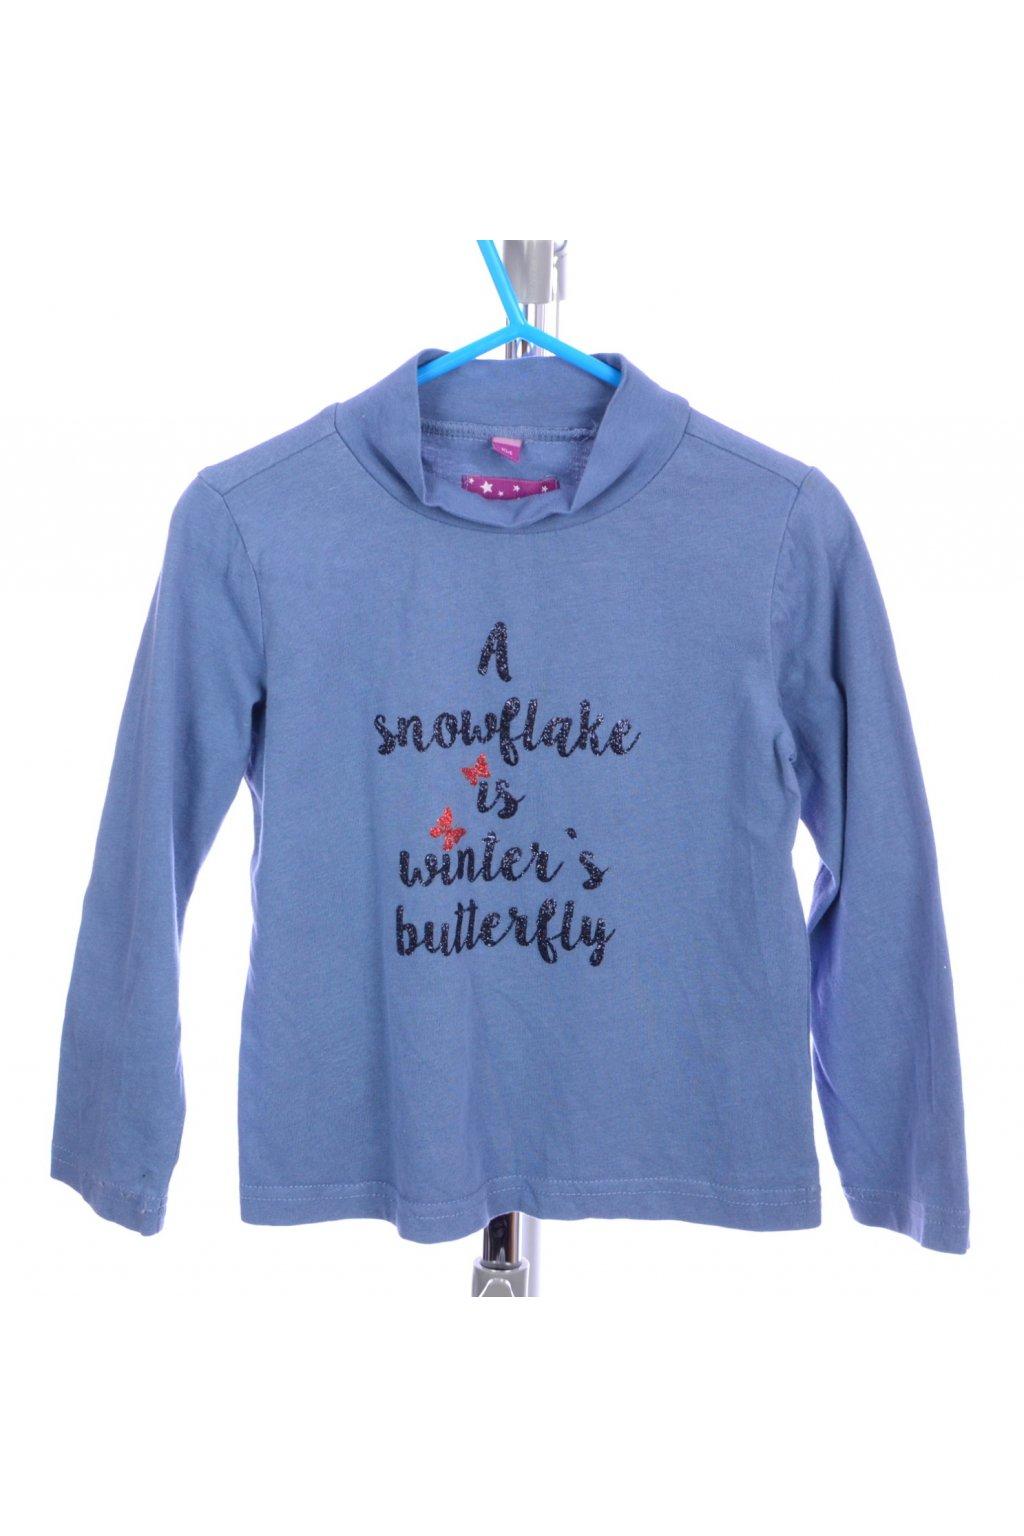 Tričko Pocopiano vel 104 modré s nápisem